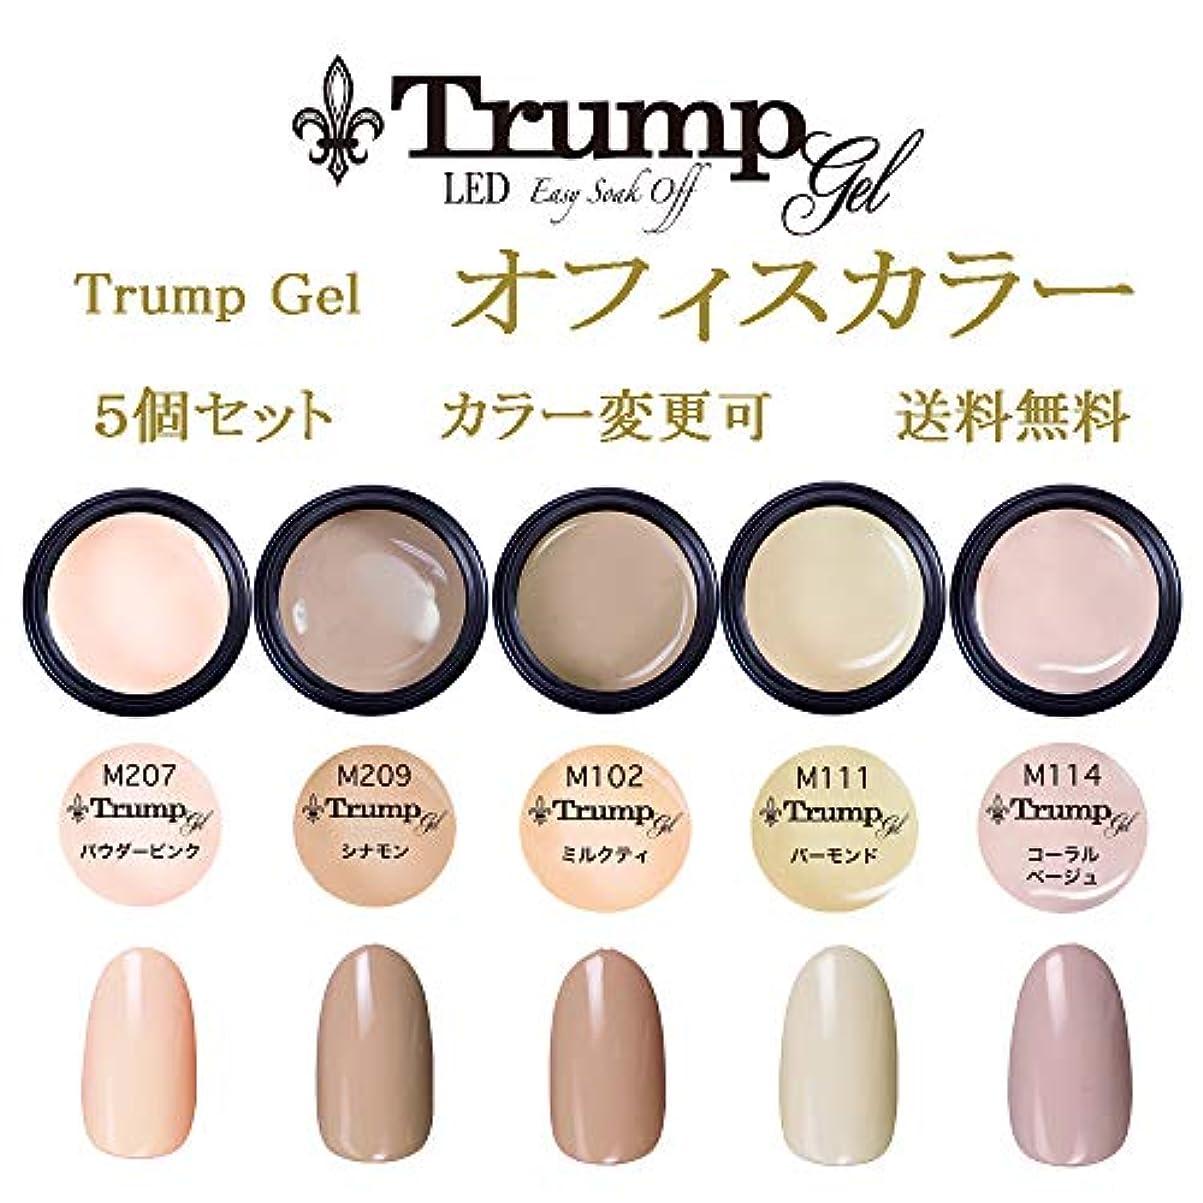 尊敬する忠実な代数的日本製 Trump gel トランプジェル オフィスカラー 選べる カラージェル 5個セット ベージュ ブラウン ピンク ホワイト ビジネス カジュアル オフィス